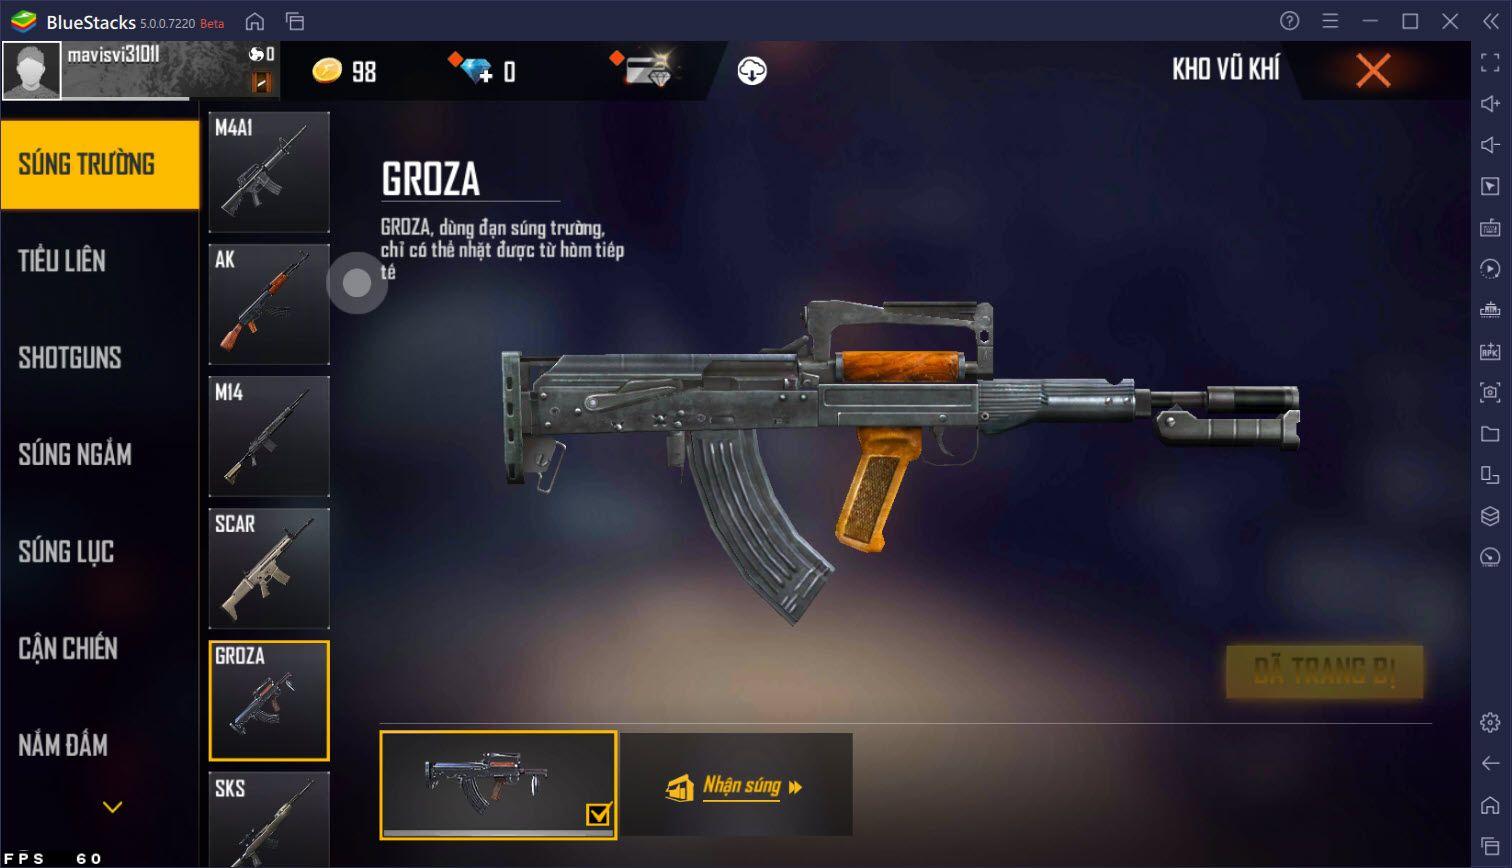 Mẹo sử dụng vũ khí hiệu quả trong Garena Free Fire Max